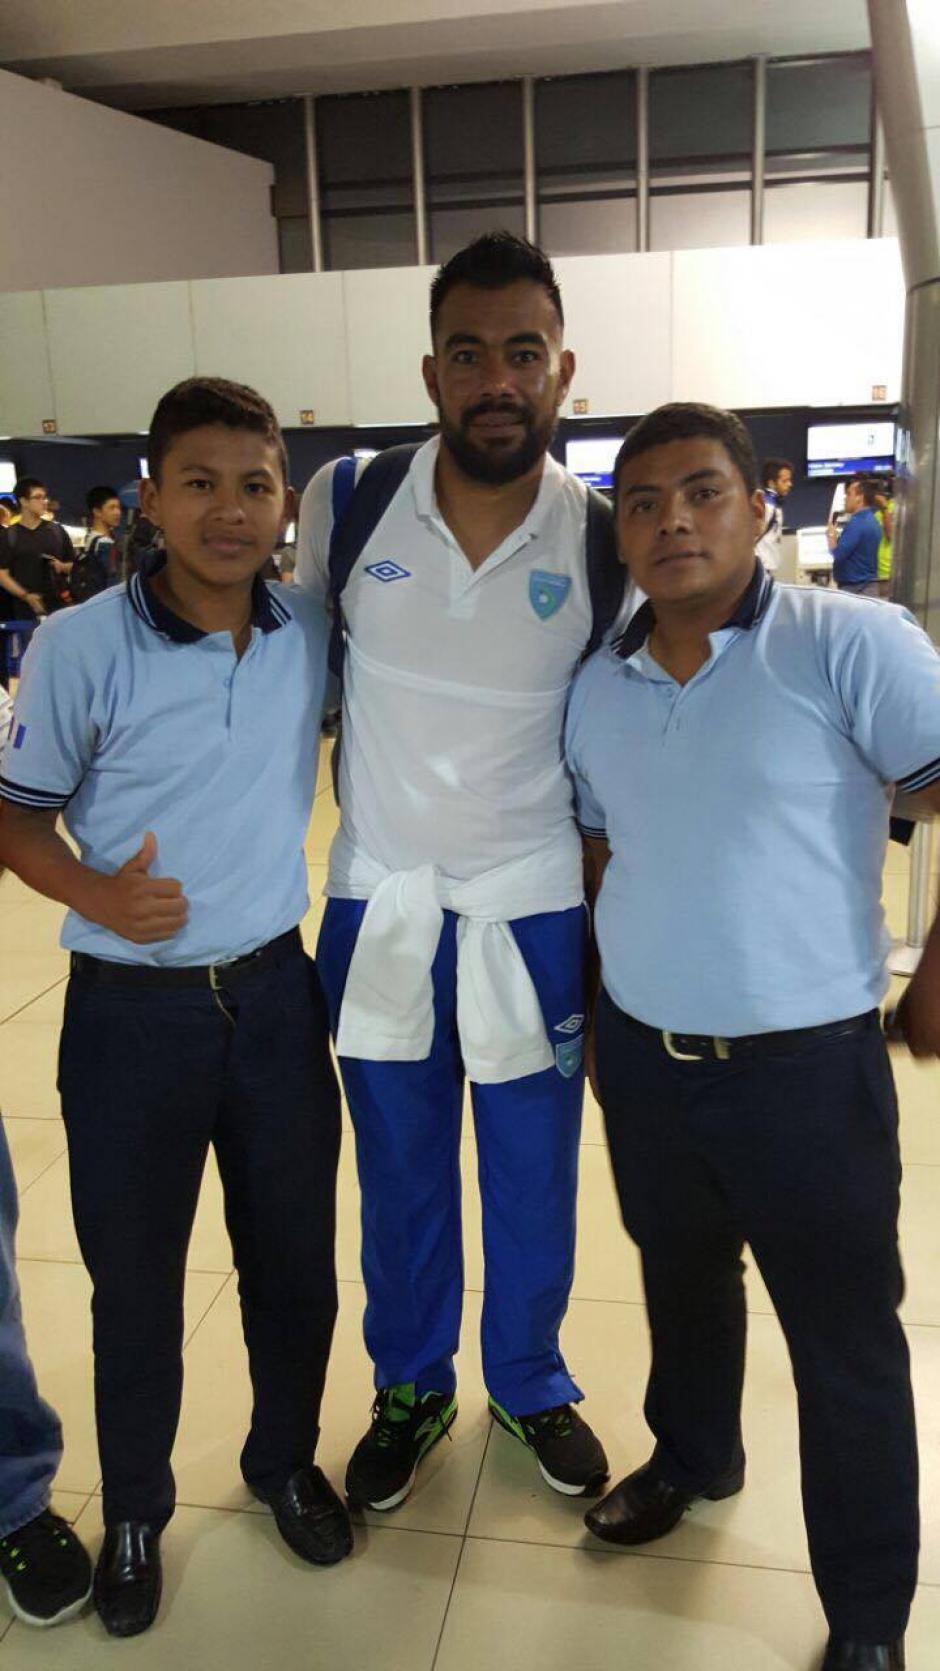 Algunos aficionados y trabajadores en el Aeropuerto La Aurora se tomaron una foto con Paulo Motta. (Foto: Edson Aldana/Enviado de la ACD)